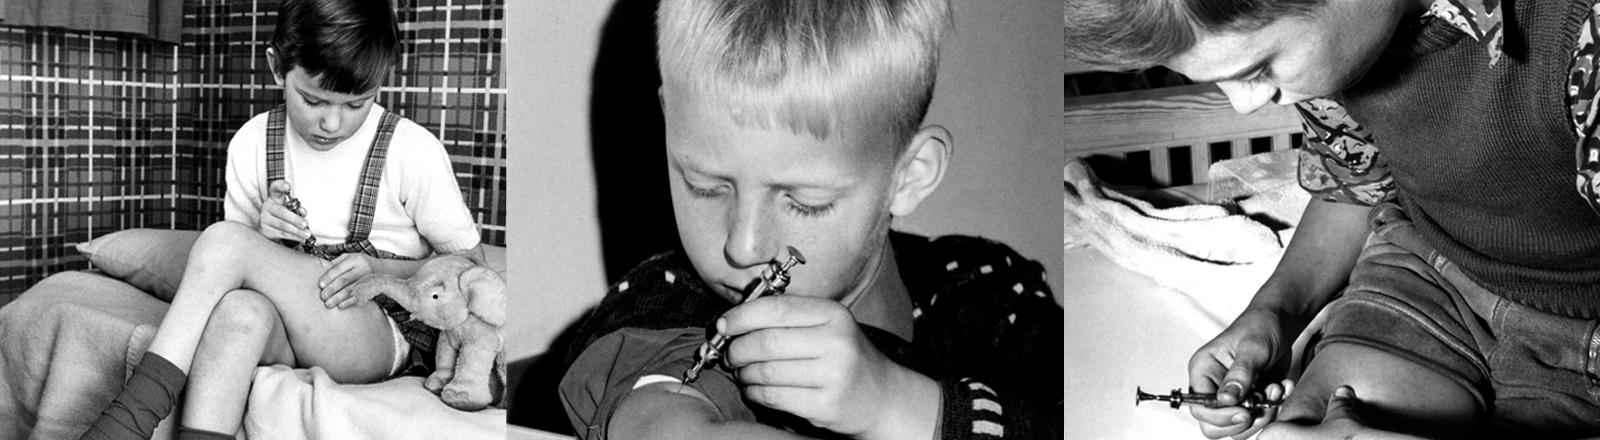 Zwei Jungen spritzen sich Insulin.